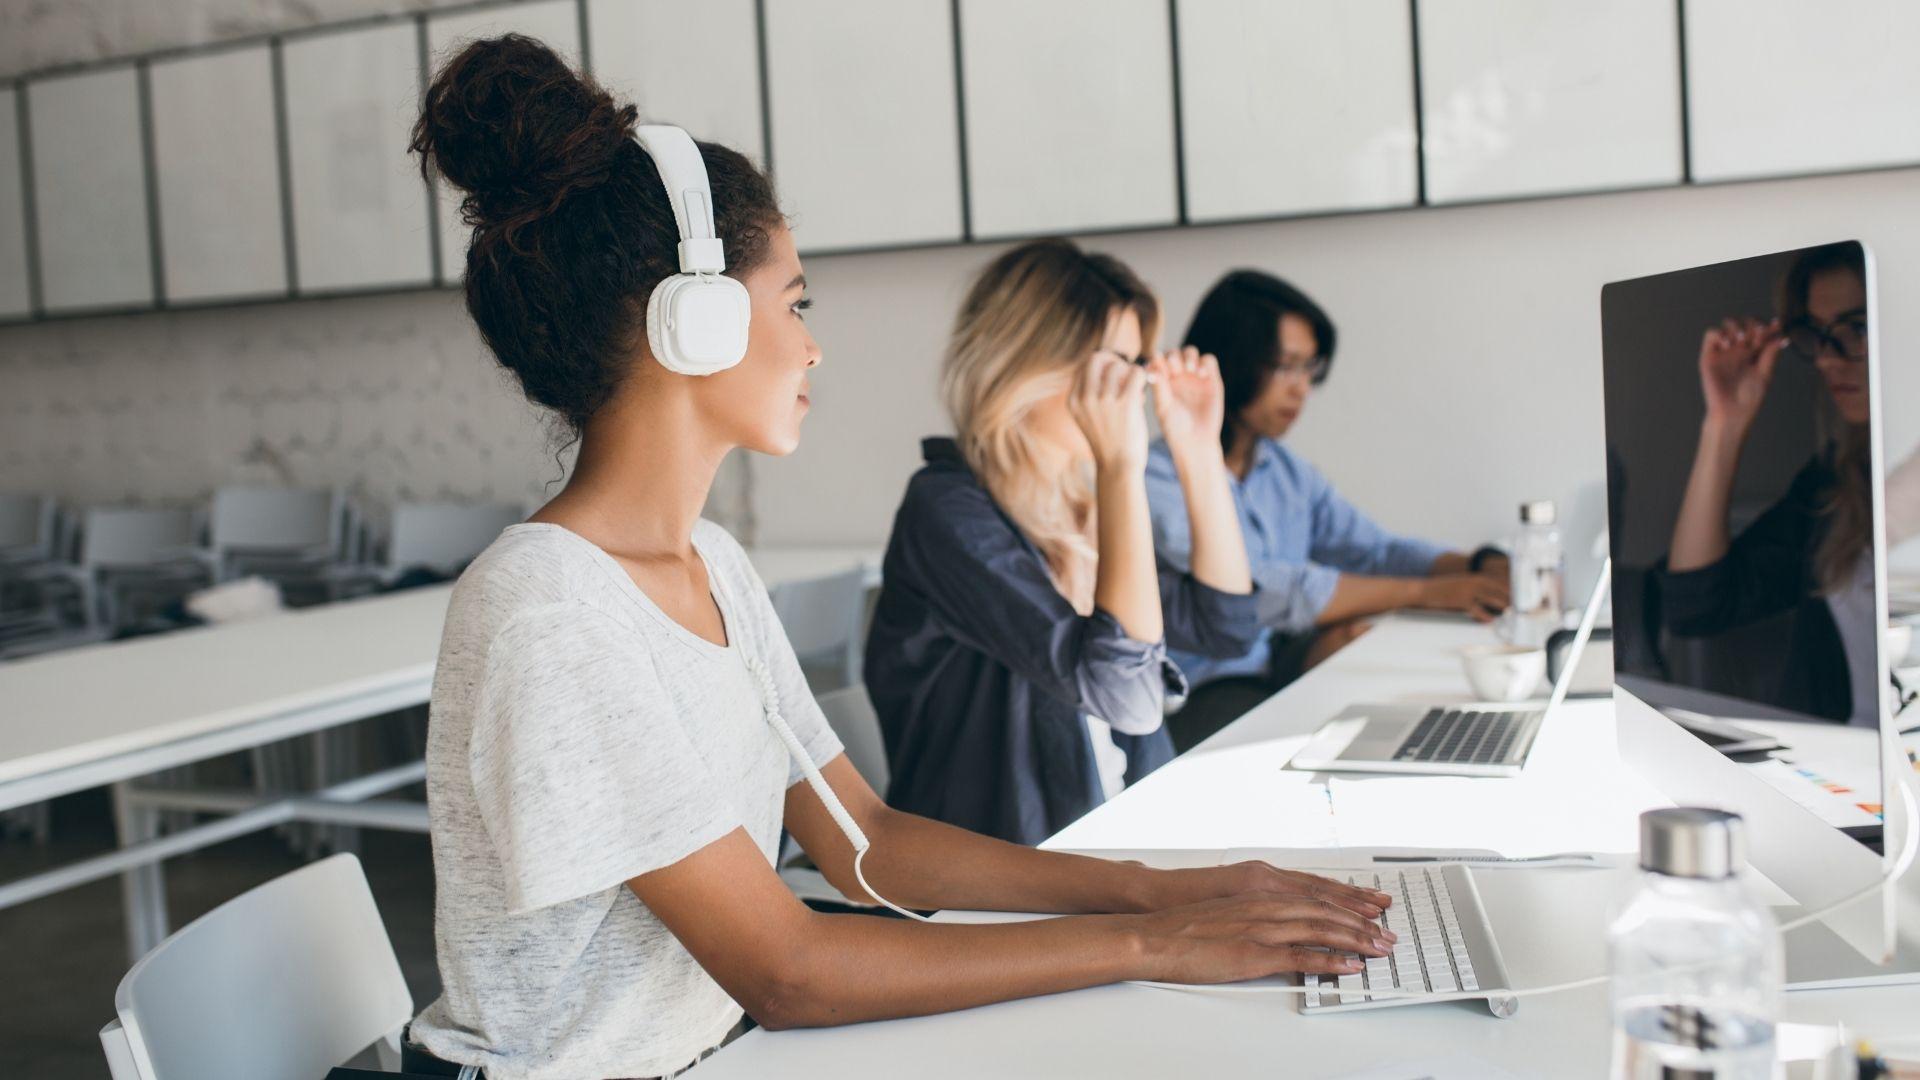 cours en ligne - plus facile avec un accompagnement